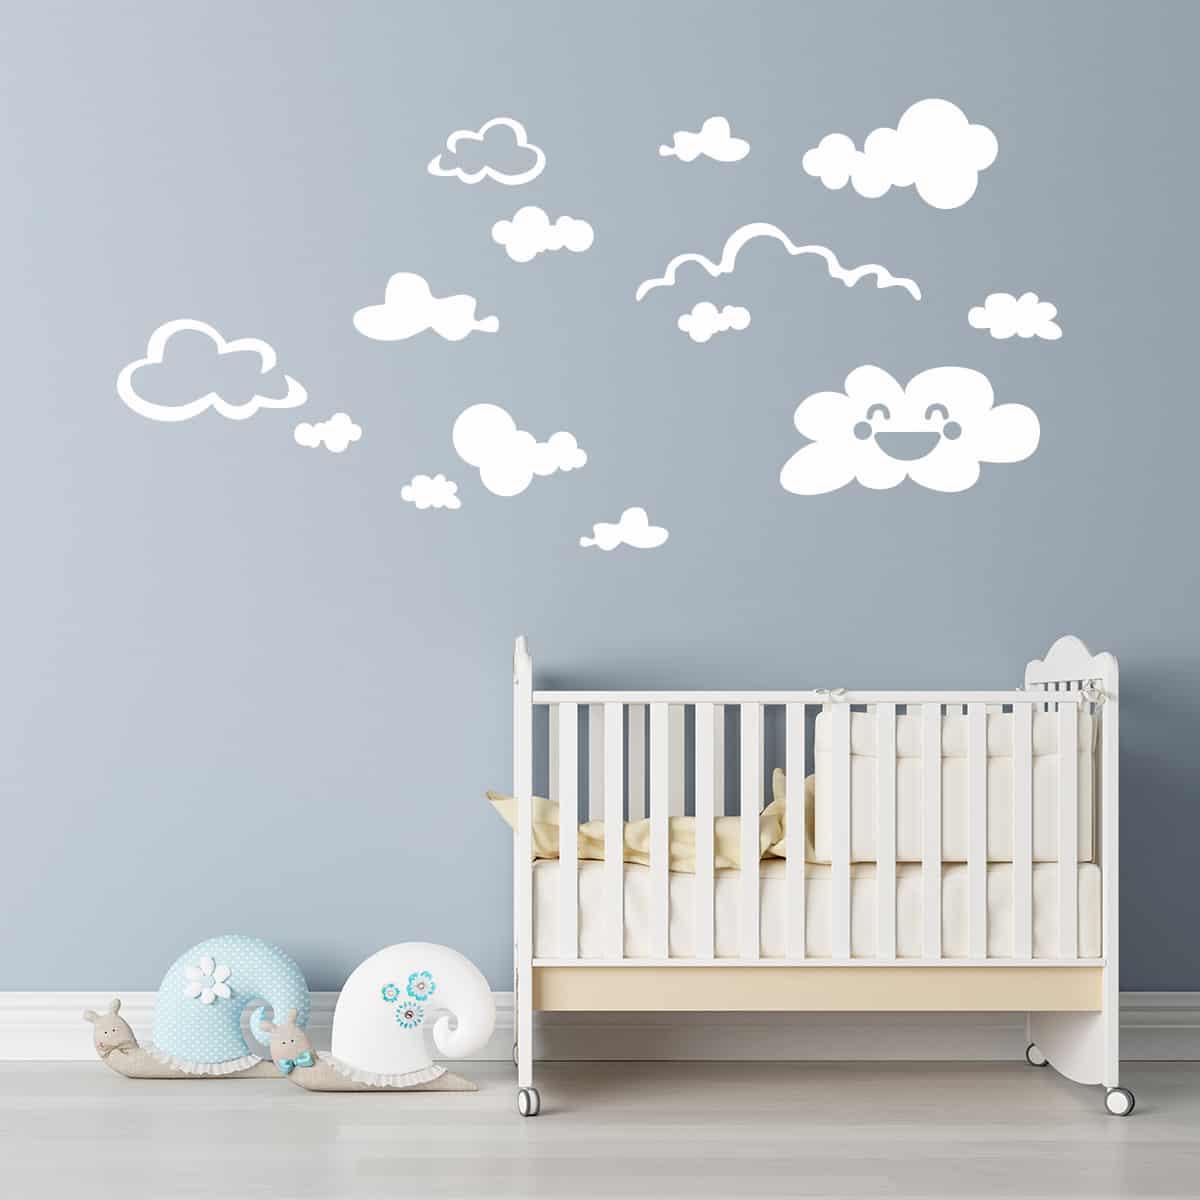 Gli adesivi cameretta neonato sono tutti adesivi muro personalizzati. Adesivi Murali Per La Cameretta Olalla